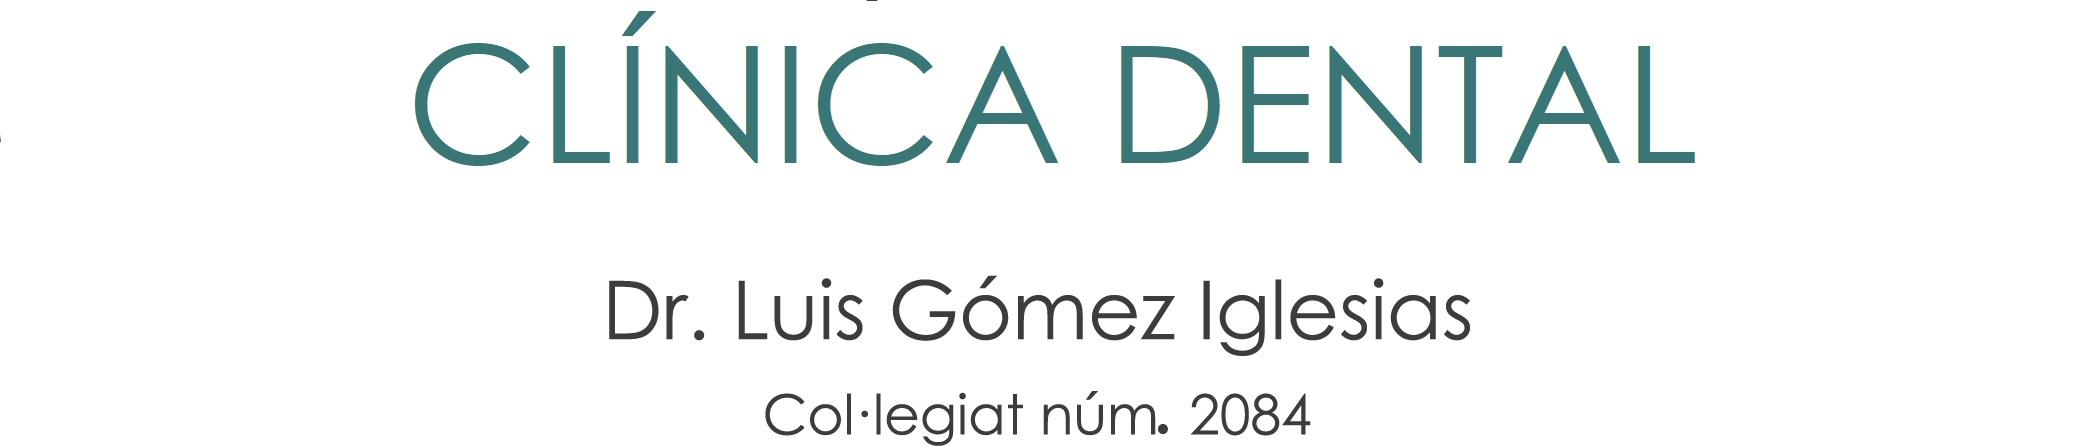 Clínica Dental Dr. Luis Gómez Iglesias